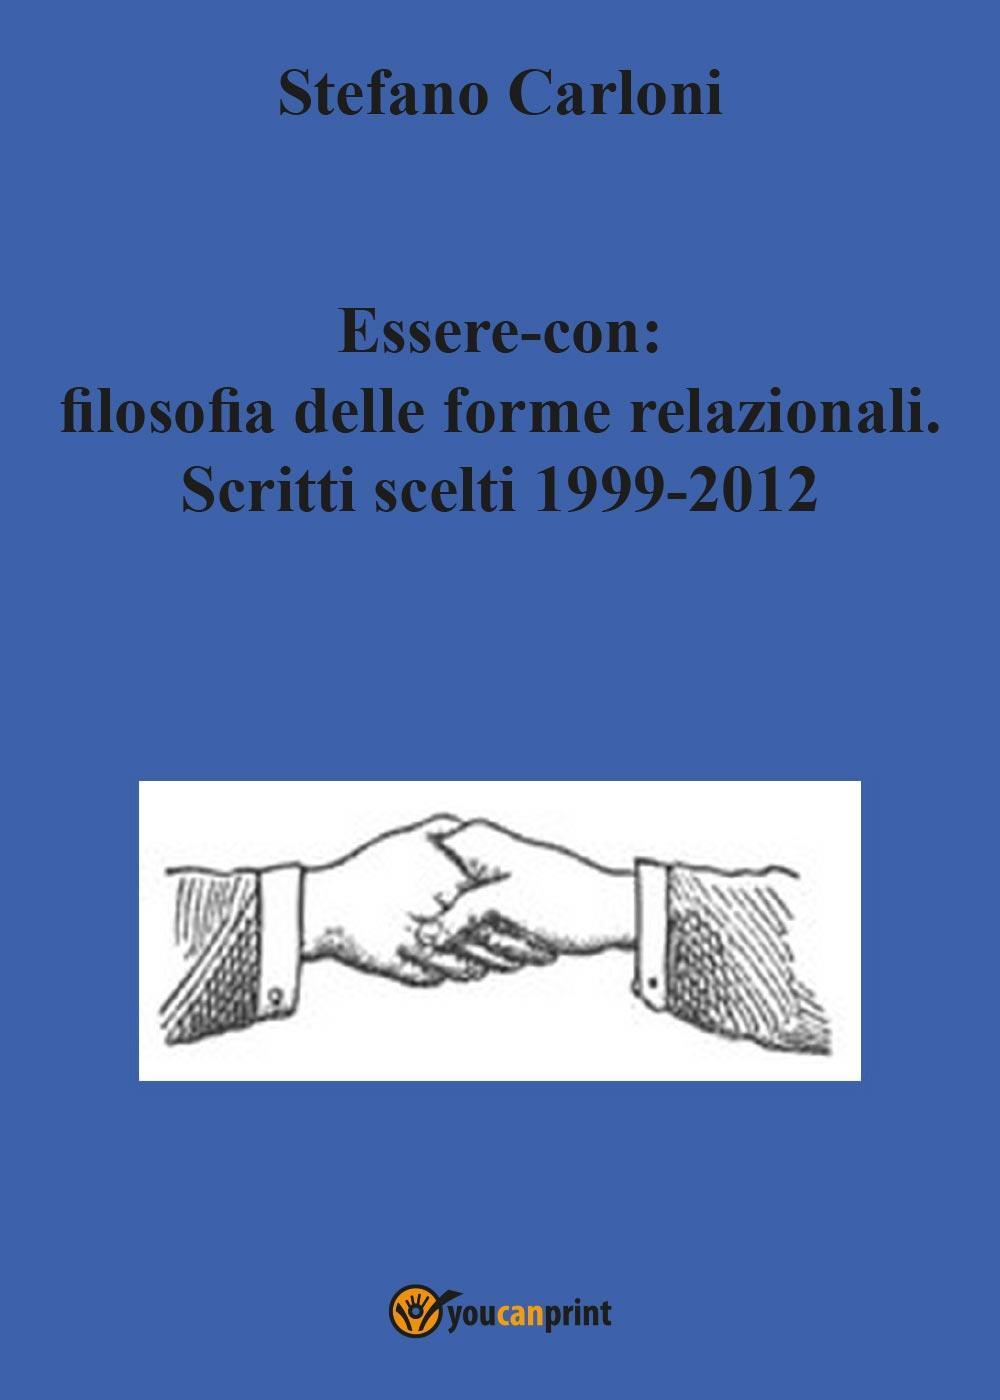 Essere-con: filosofia delle forme relazionali. Scritti scelti 1999-2012